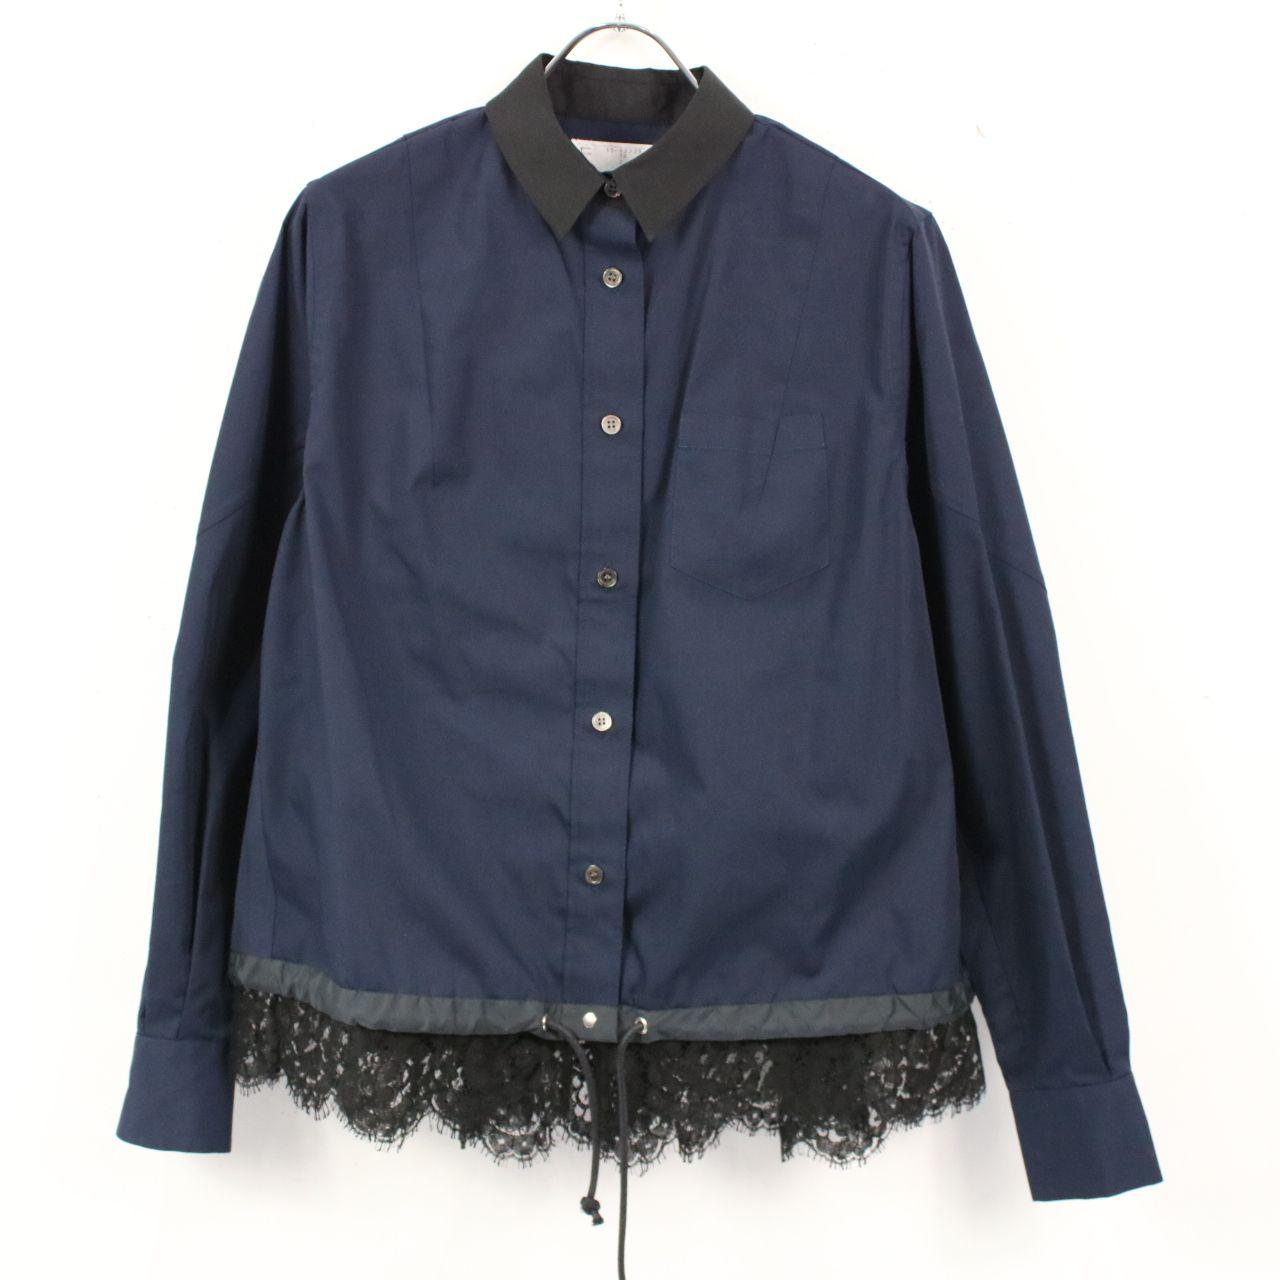 sacai / サカイ   裾レースドッキングシャツブラウス   2   ネイビー